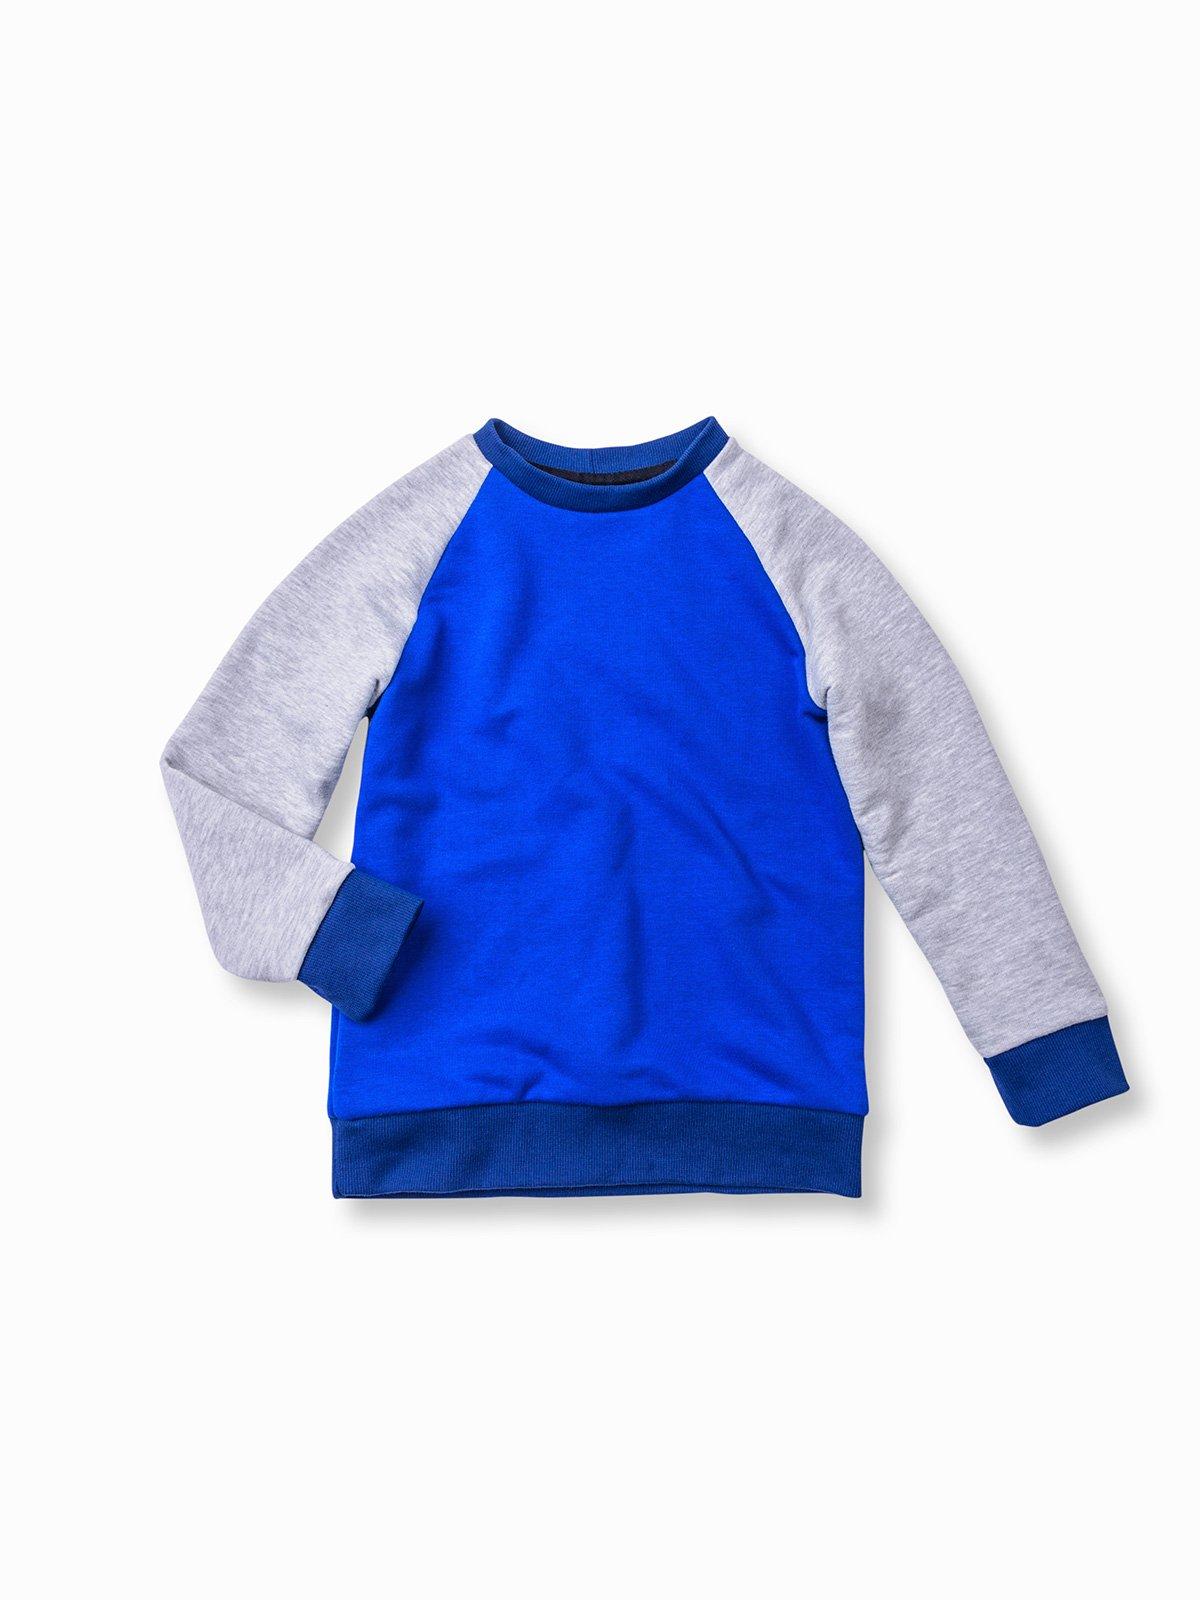 Bluza Kb003 - Niebieska